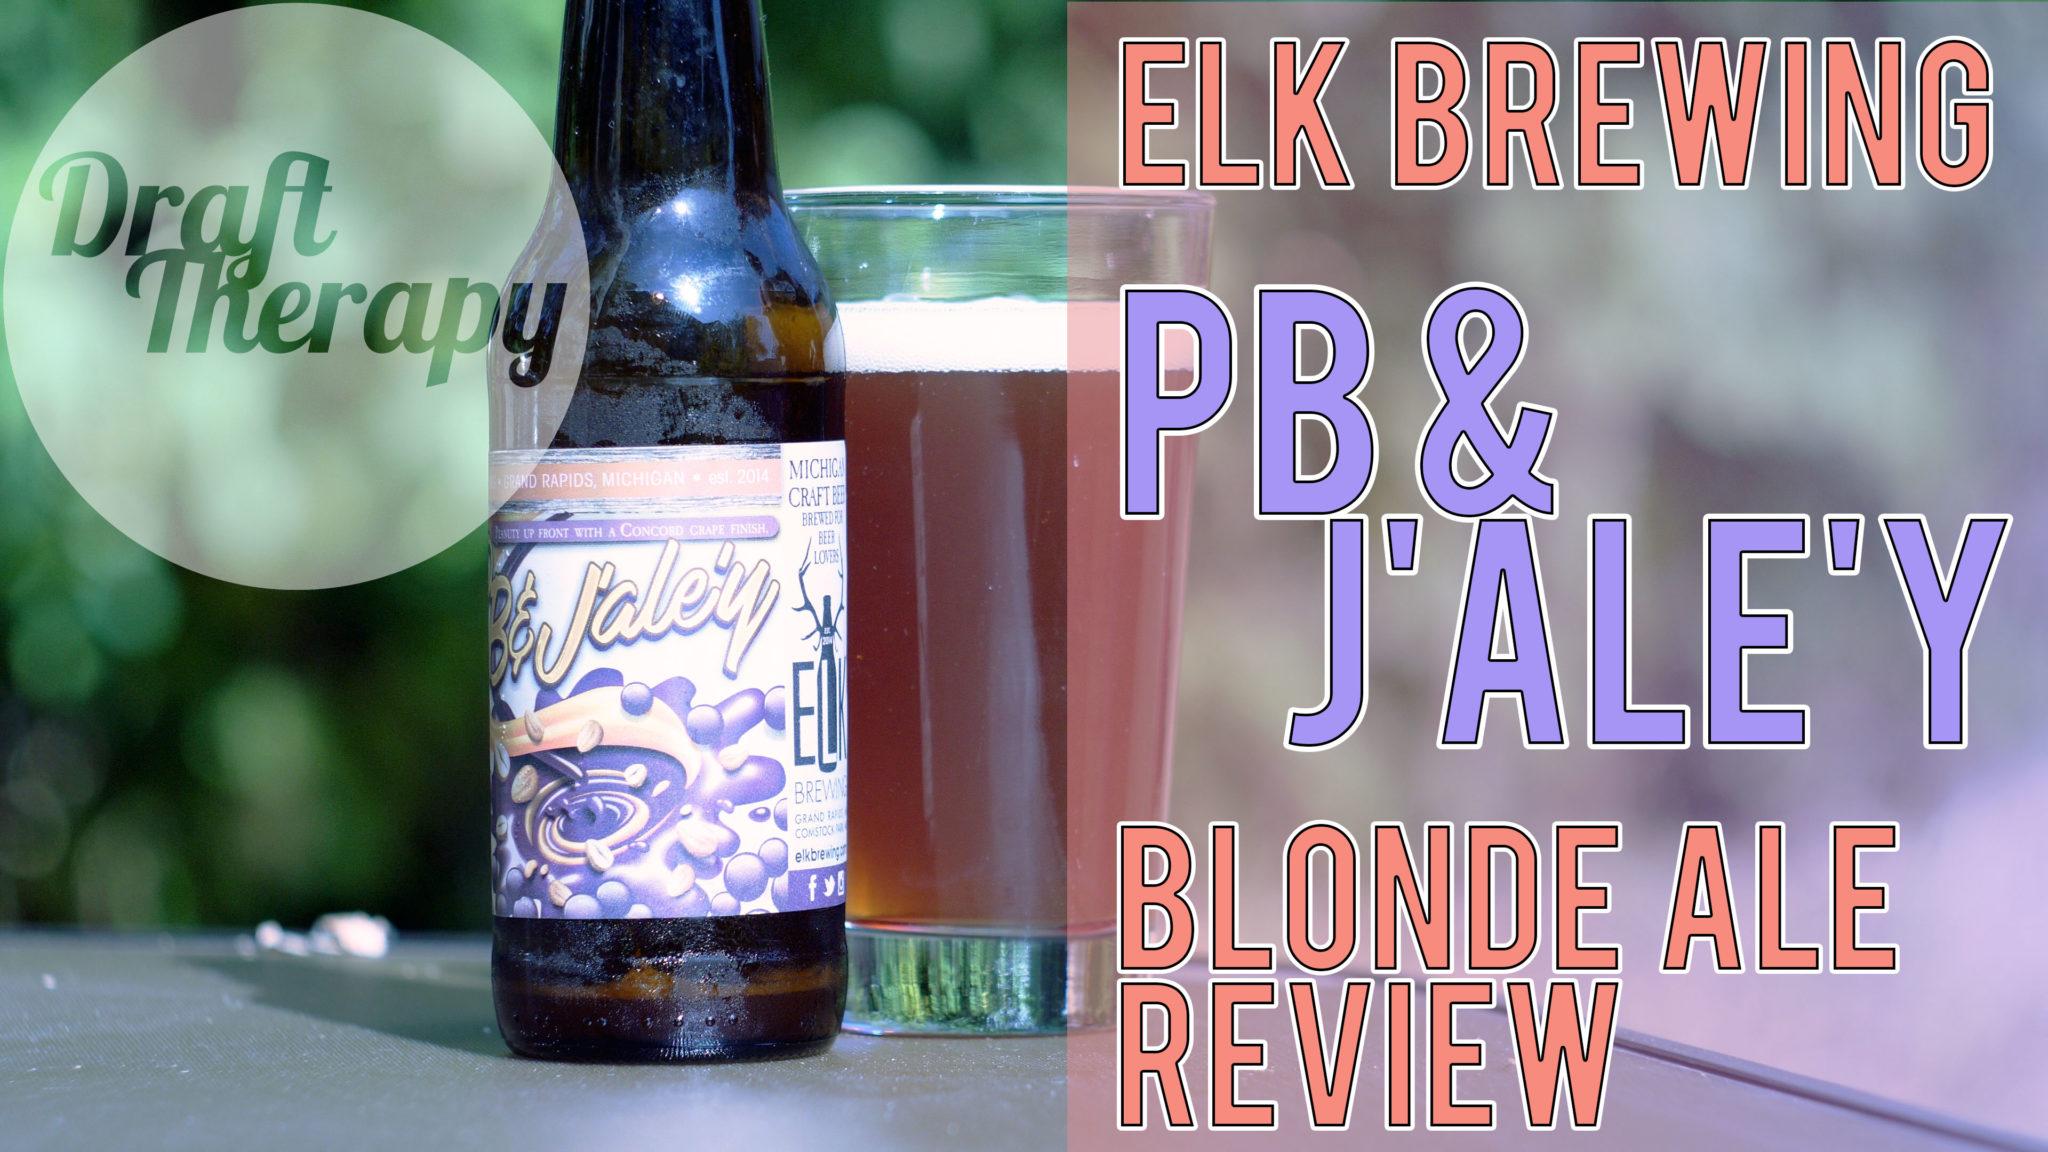 Elk Brewing's PB&J'Ale'y Blonde Ale – A Peanut Butter Sandwich in a Glass?